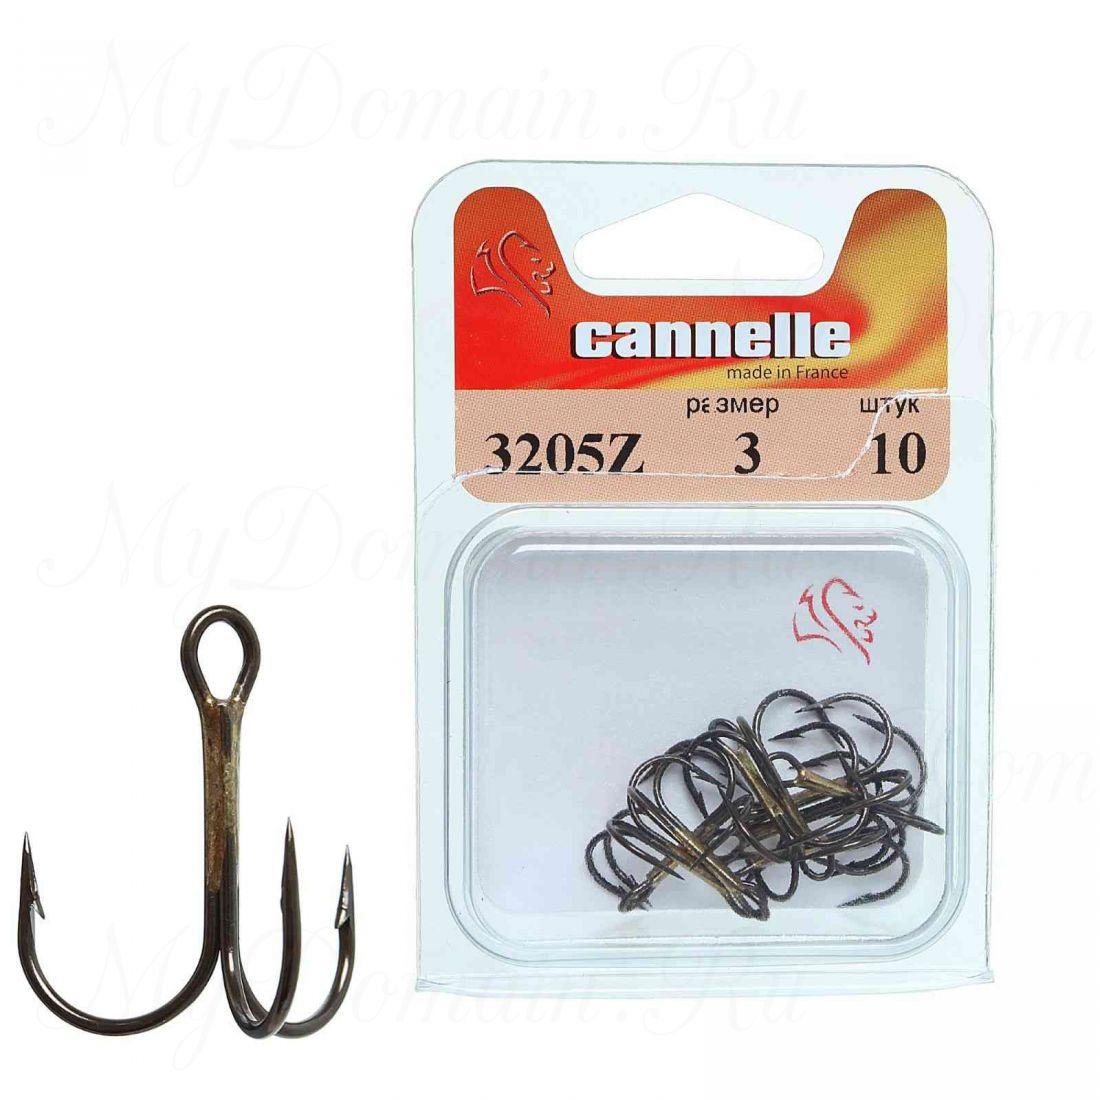 Тройник Cannelle 3205 Z № 6 уп. 1000 шт. (бронза,круглый поддев,стандартный тройник,средняя проволка)